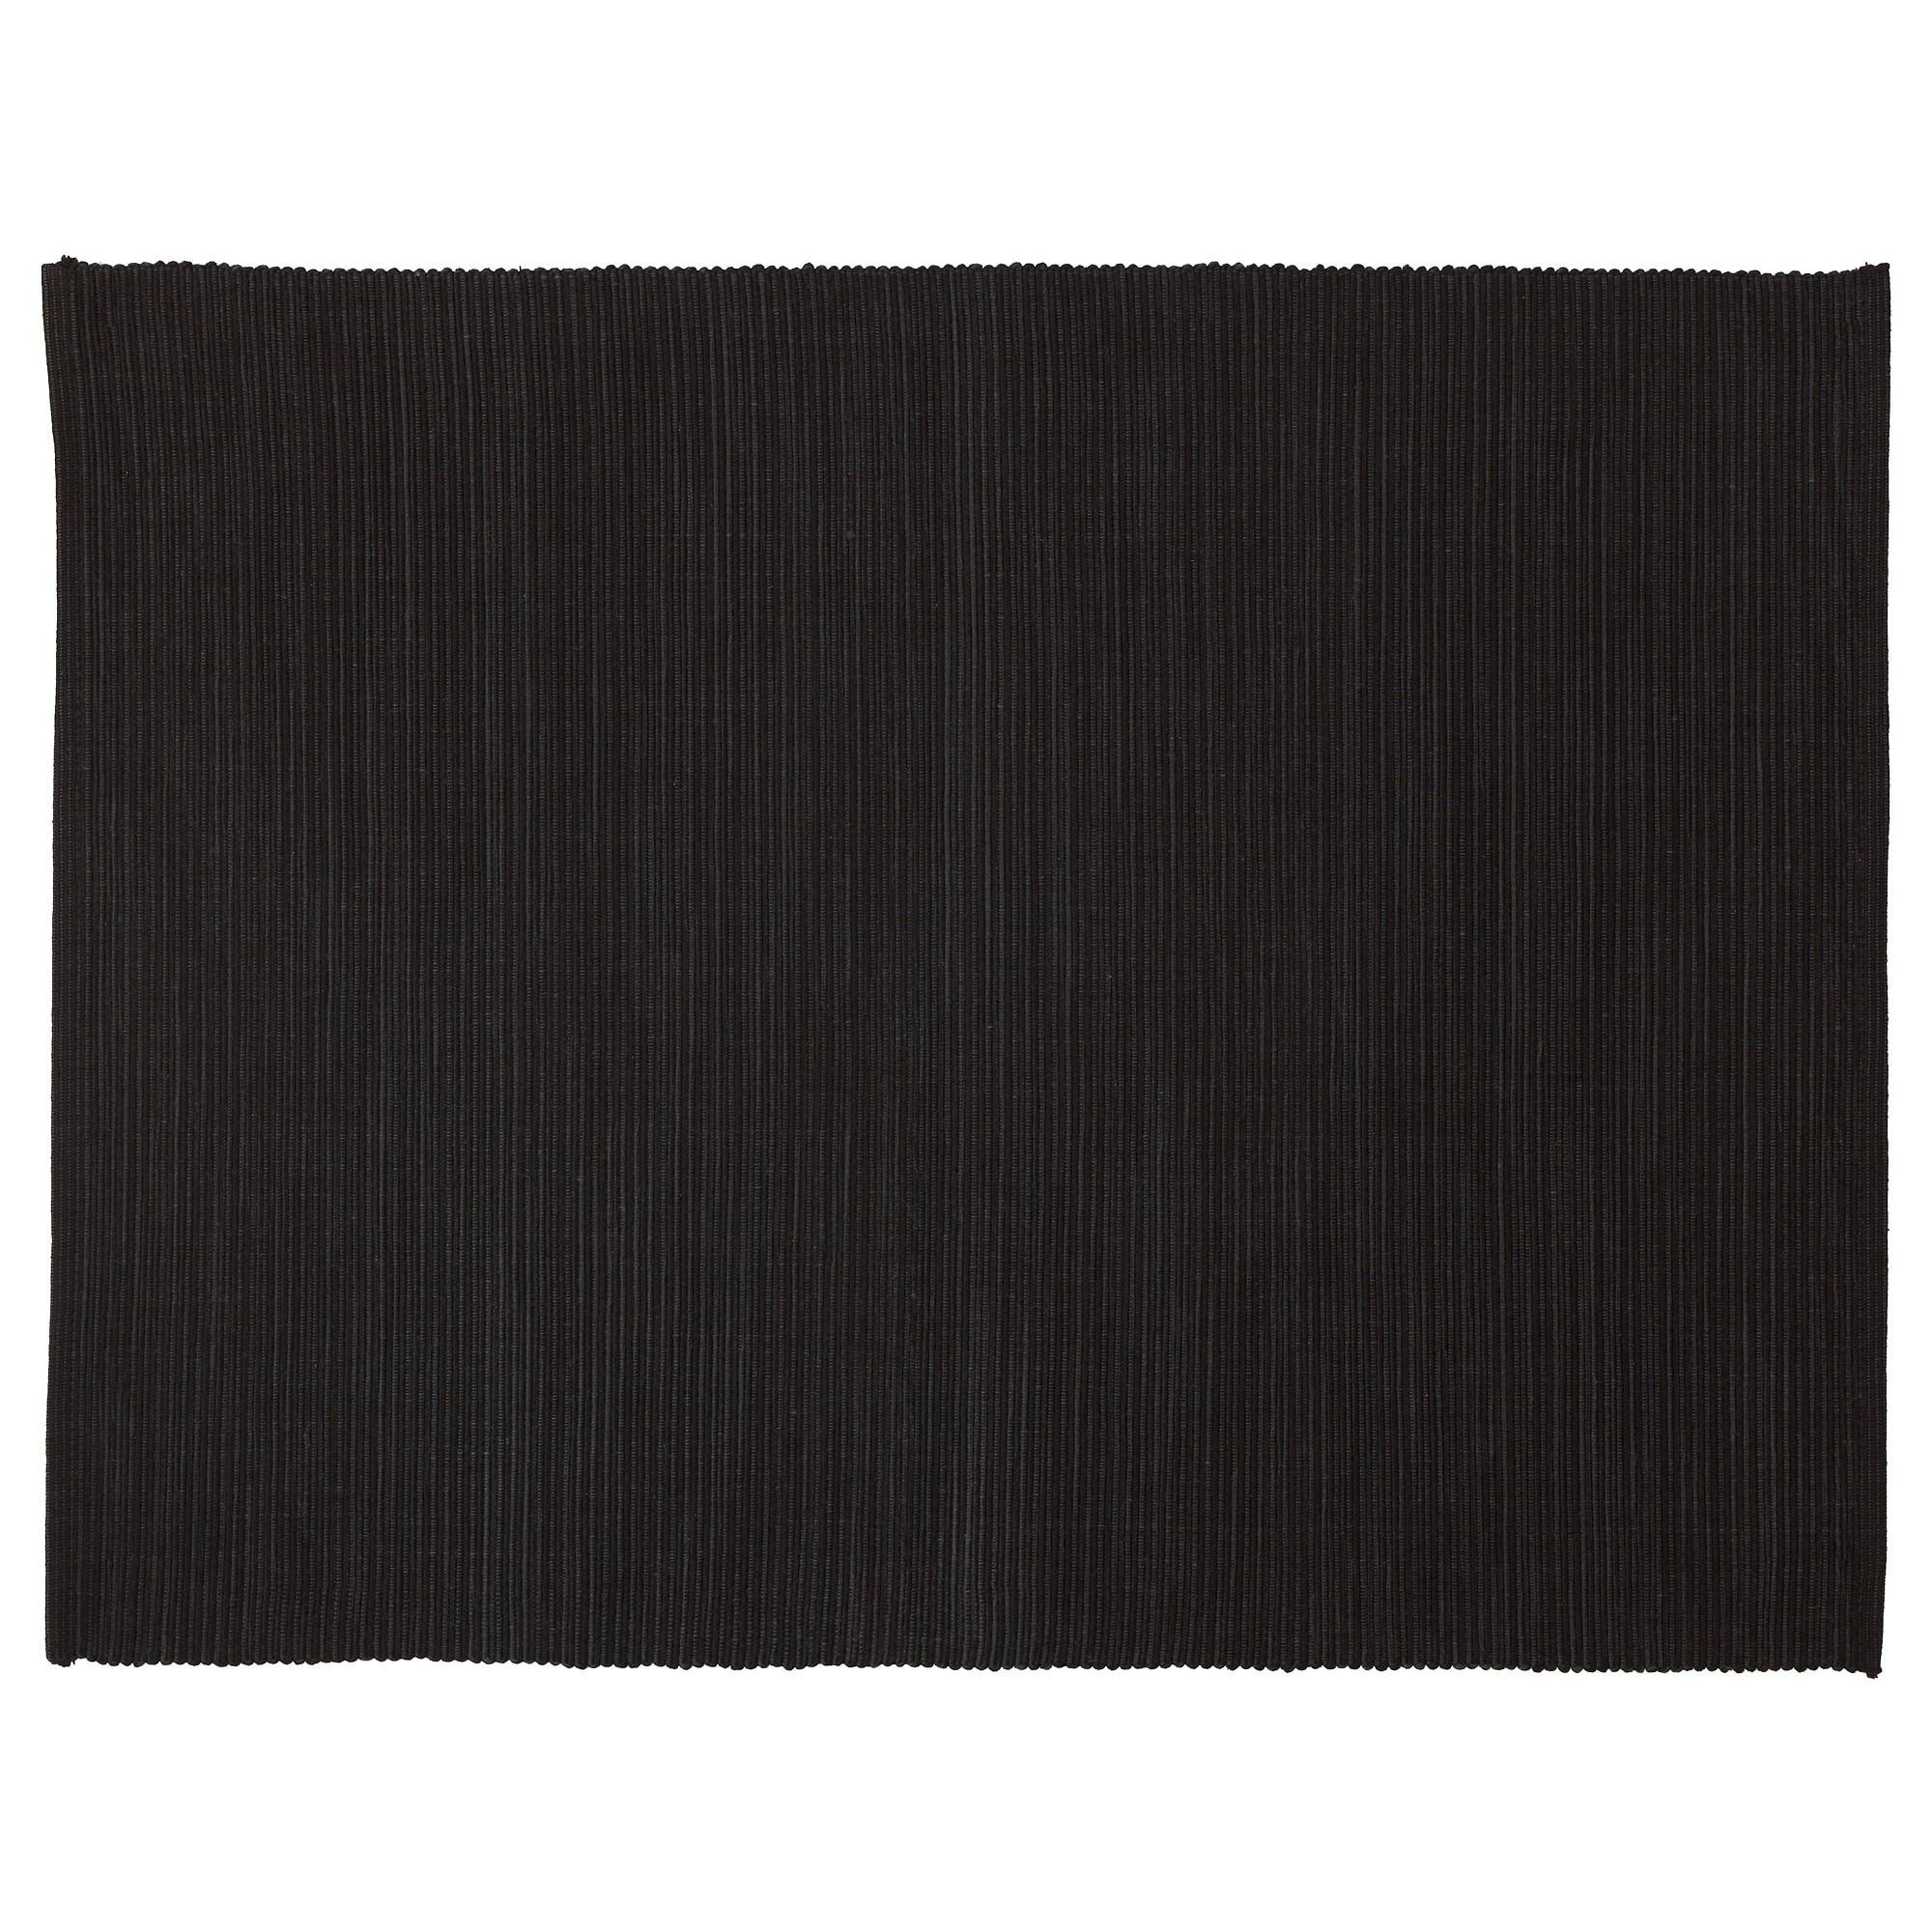 IKEA МЭРИТ Подкладка под приборы, черный, 35x45 см 802.461.83